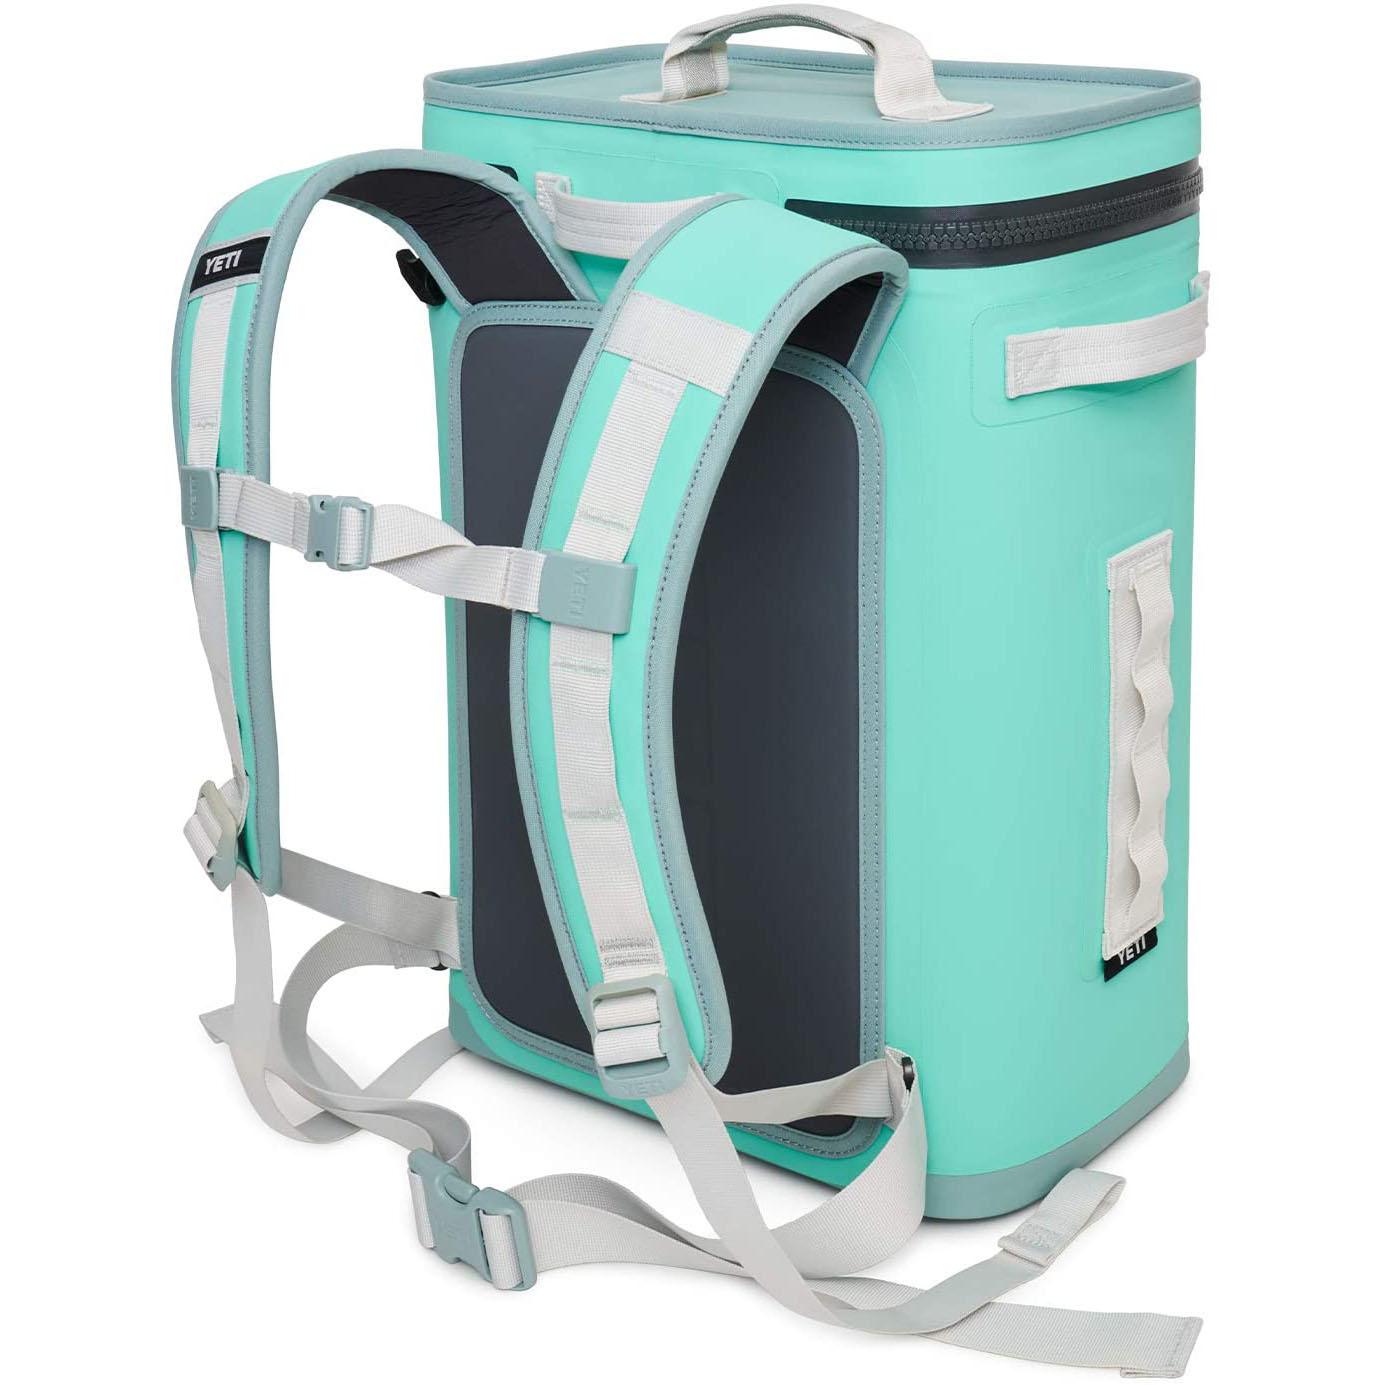 YETI Hopper Backflip 24 Soft Sided Cooler / Backpack